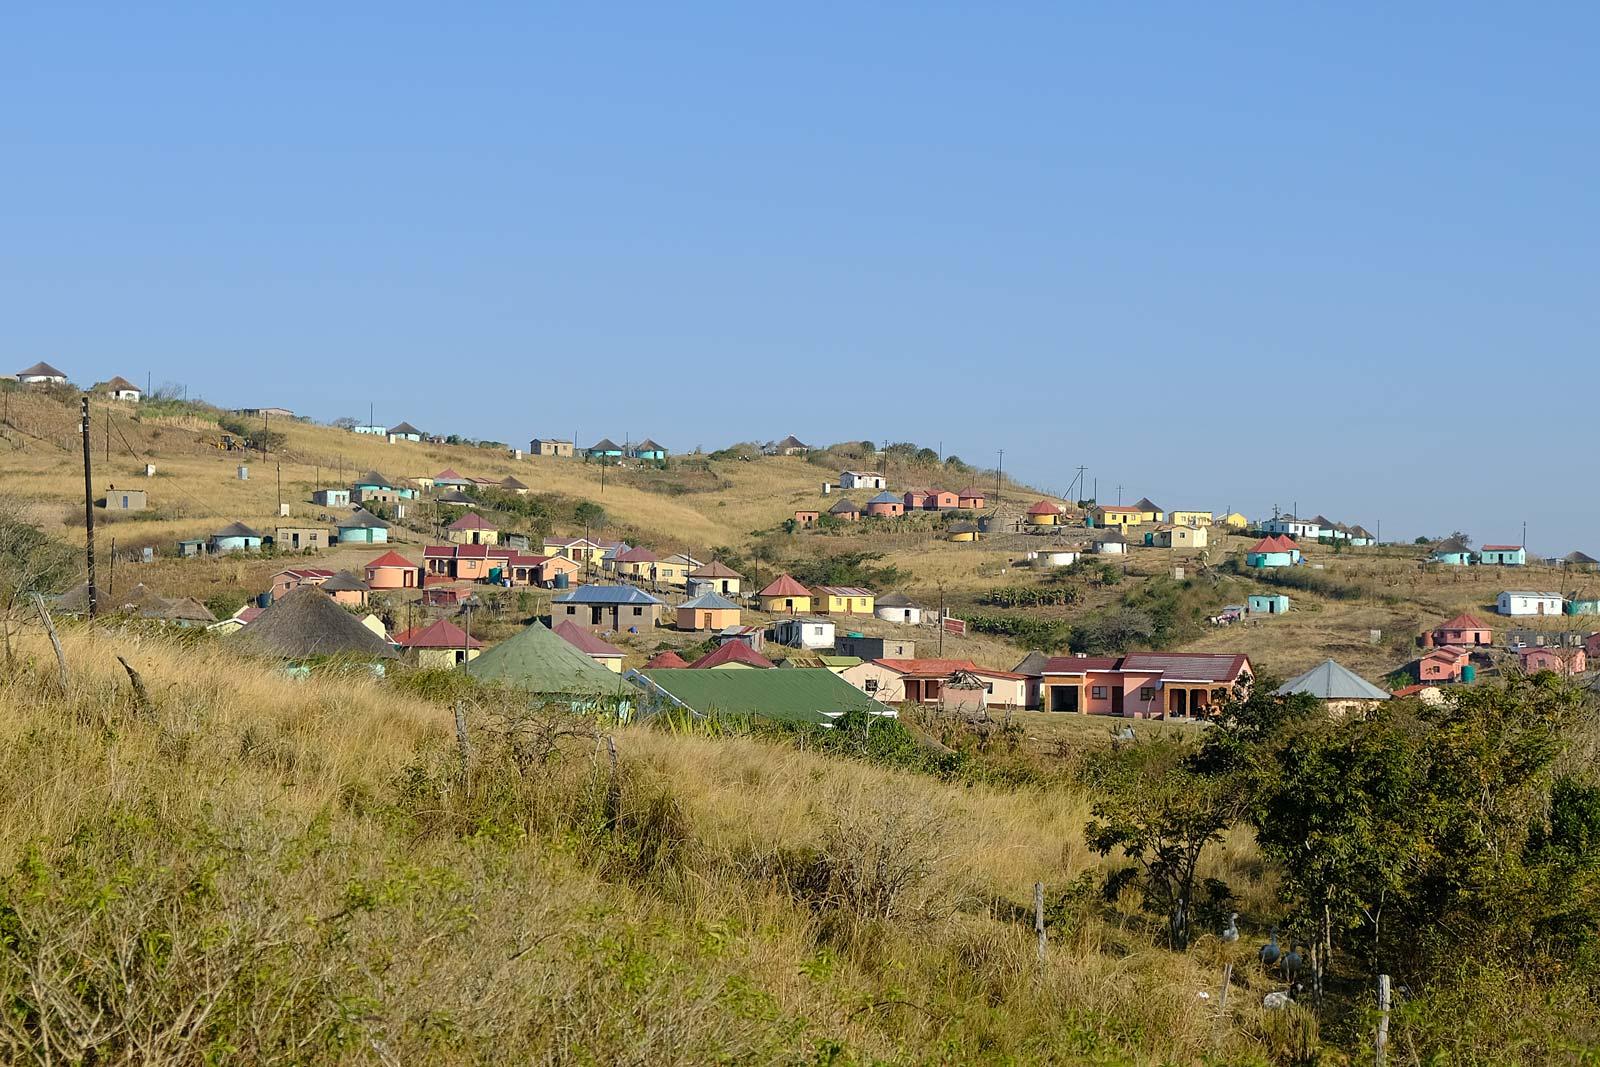 Bunte Häuser auf Hügeln an der Wild Coast